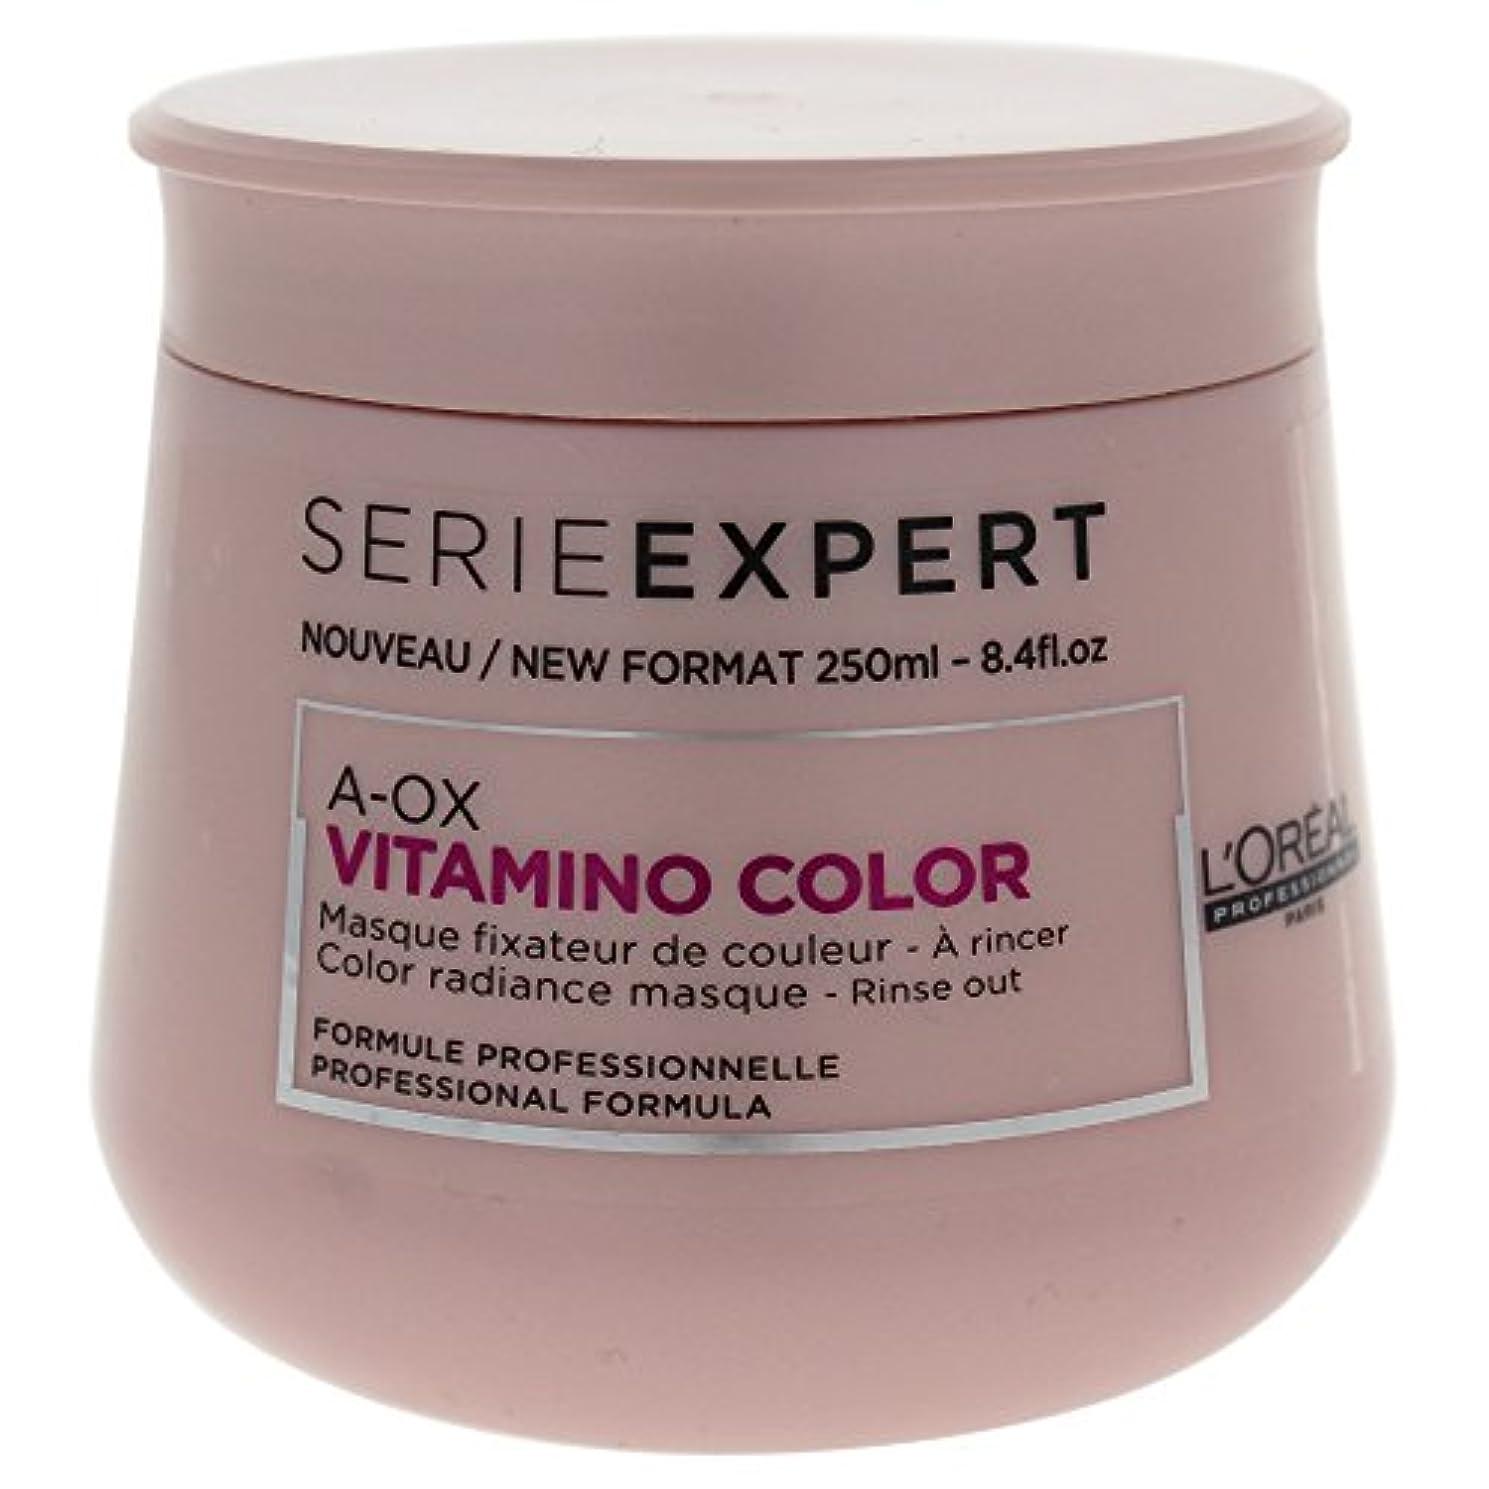 寄付する明確な否認するL'Oreal Serie Expert A-OX VITAMINO COLOR Color Radiance Masque 250 ml [並行輸入品]